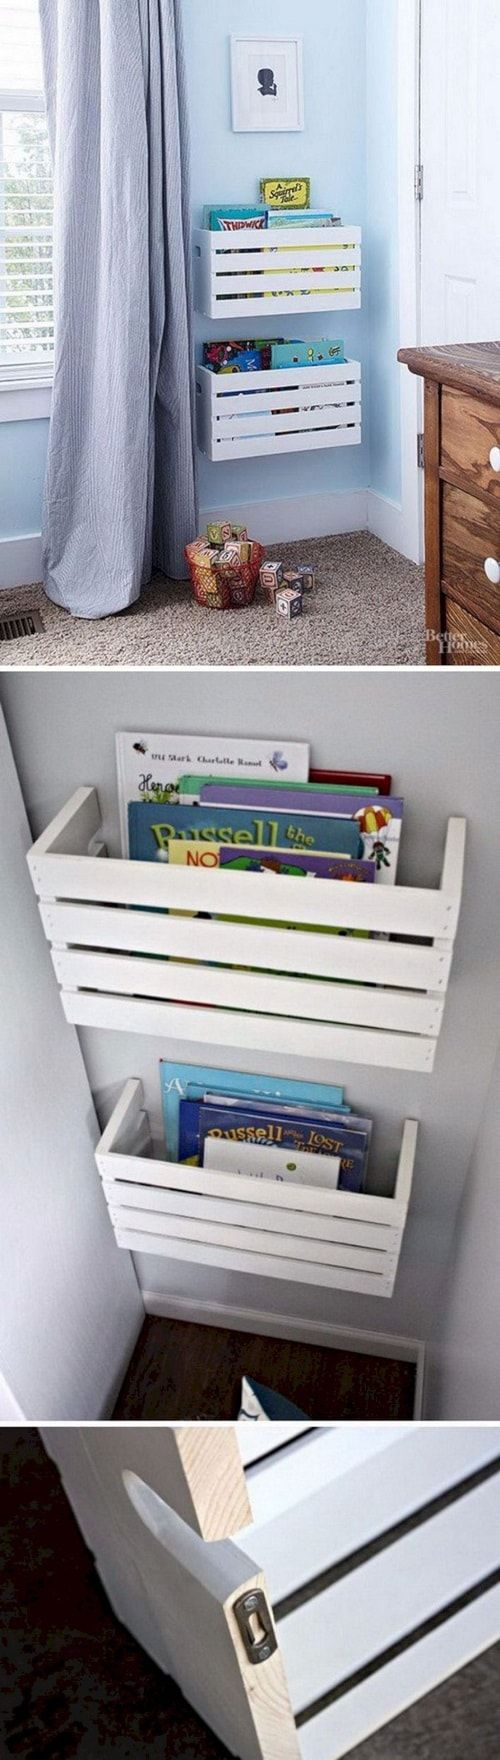 20 Clever Chic DIY Kleine Schlafzimmer Storage Hacks, die Ihren Verstand blasen werden - Wohn Design